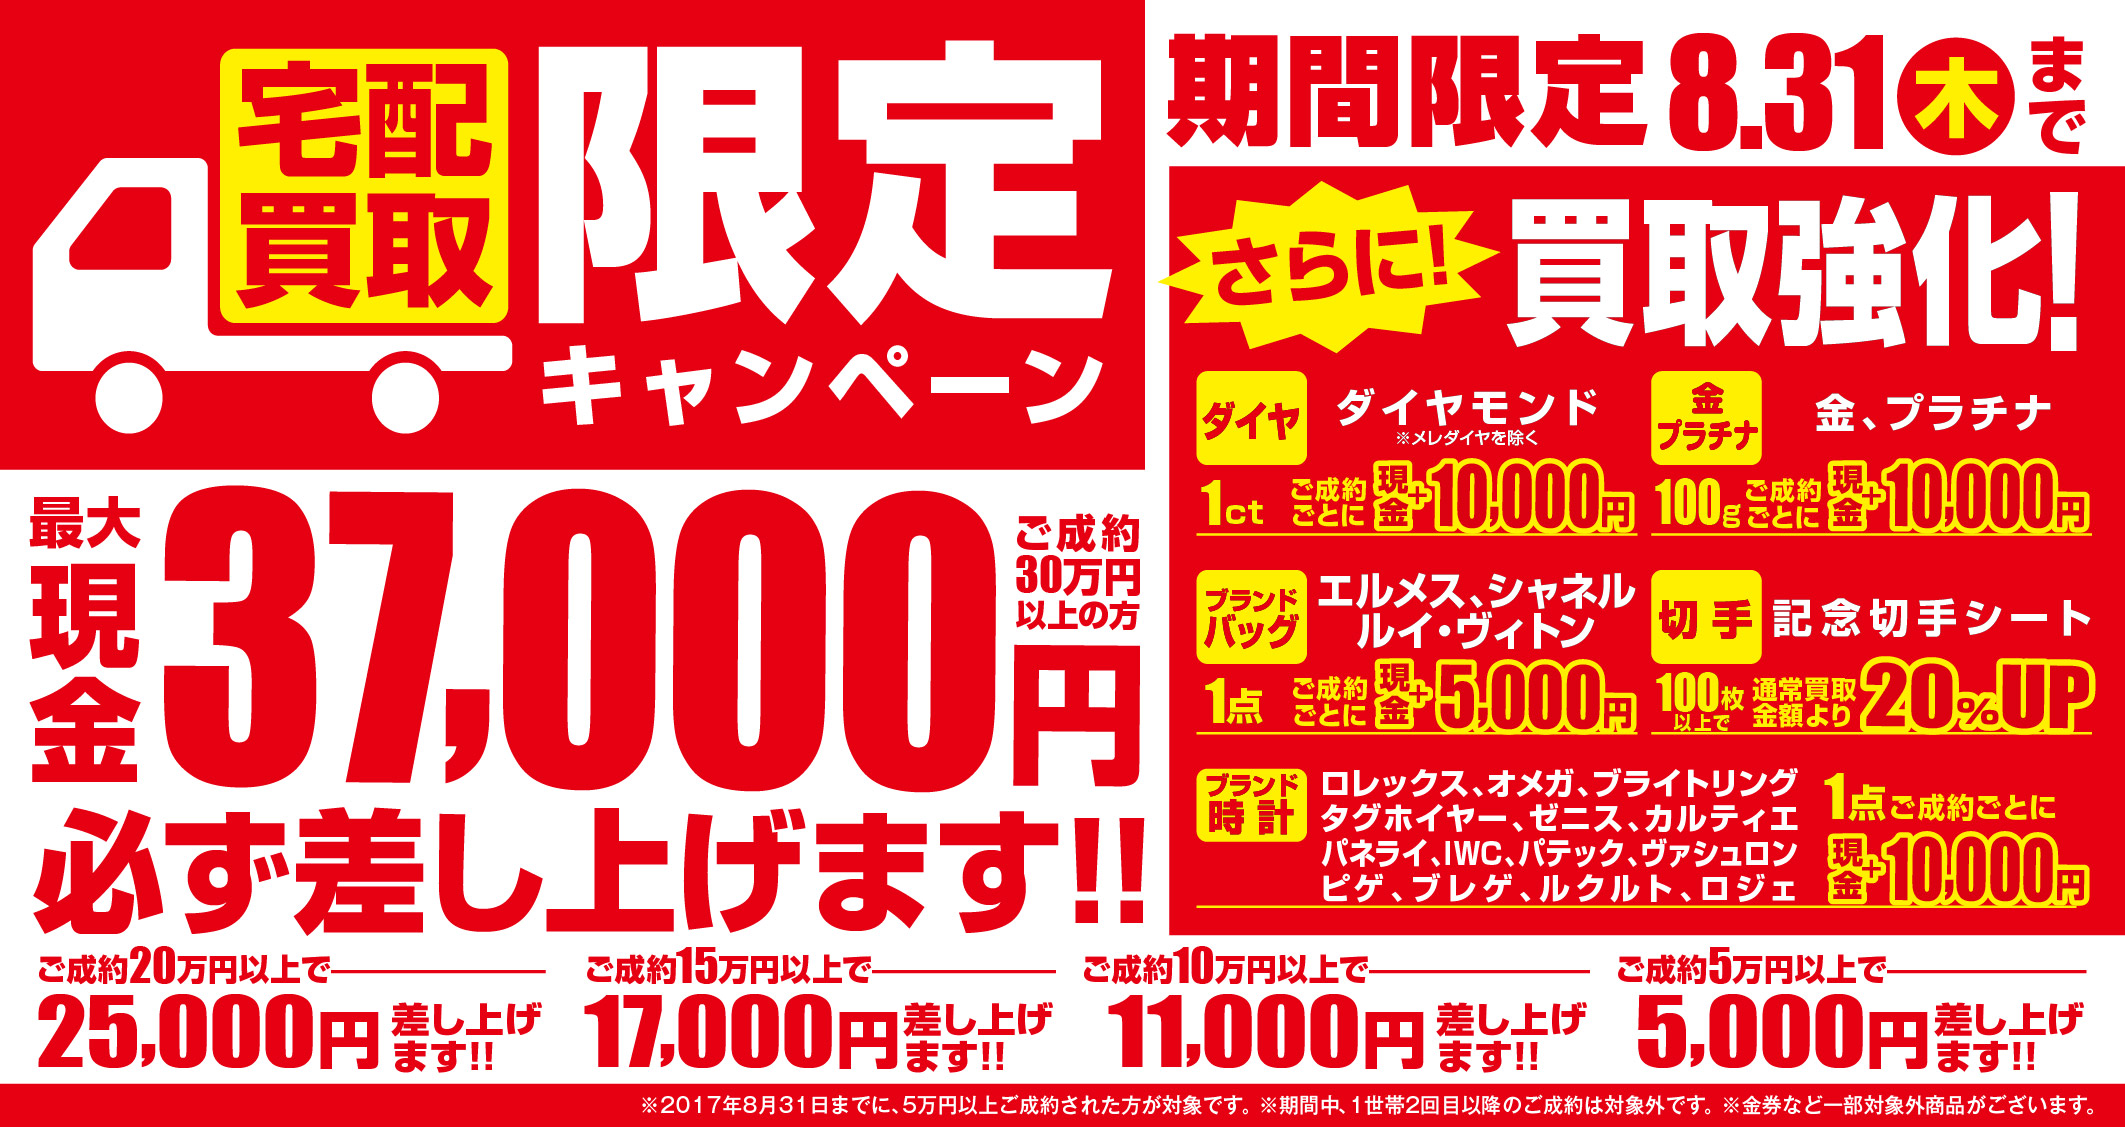 おたからや宅配買取3大キャンペーン!!